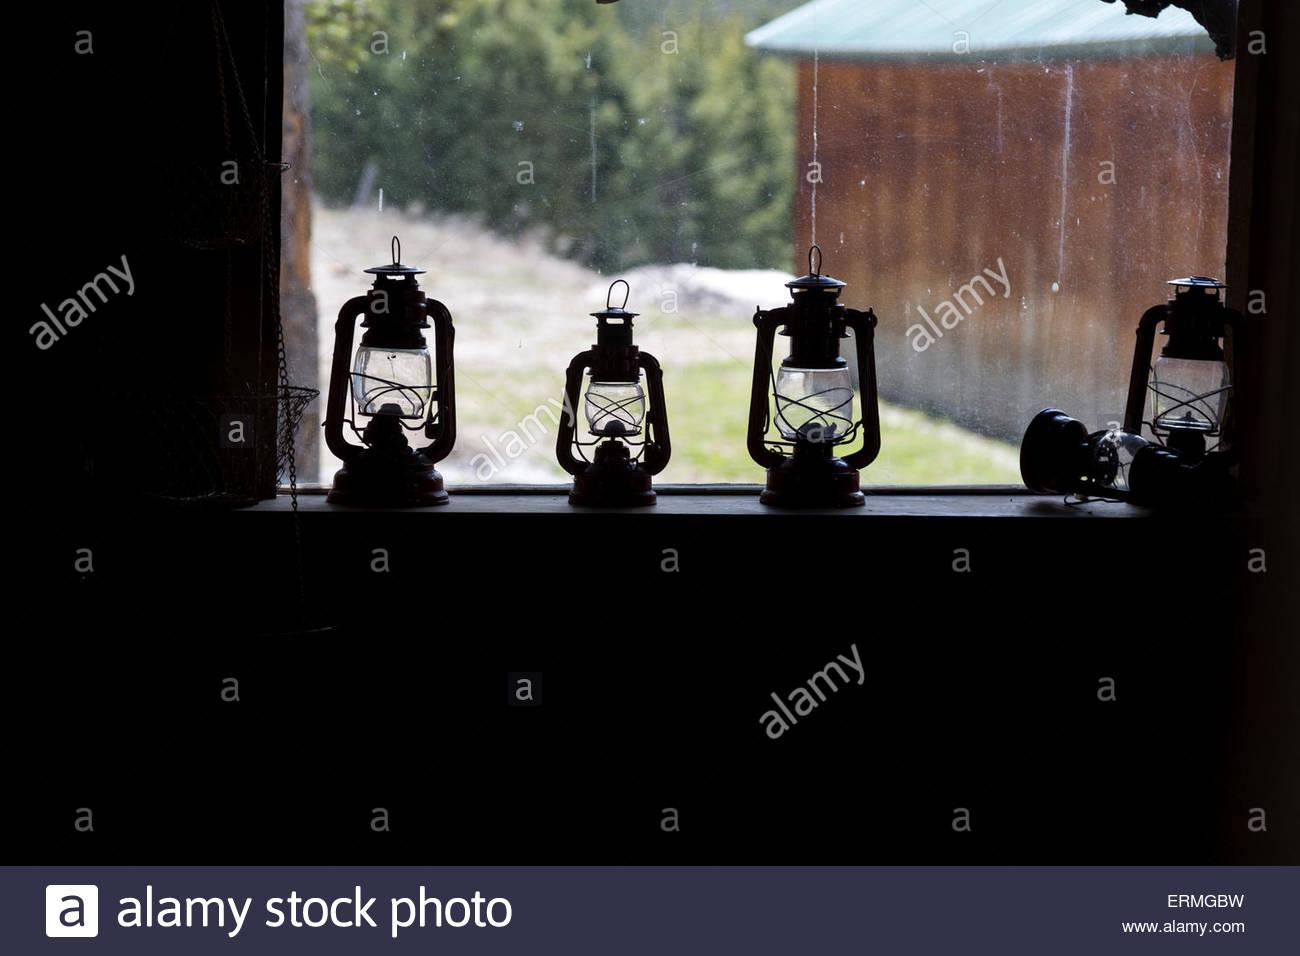 Kerosene Lantern on Window Sill - Stock Image